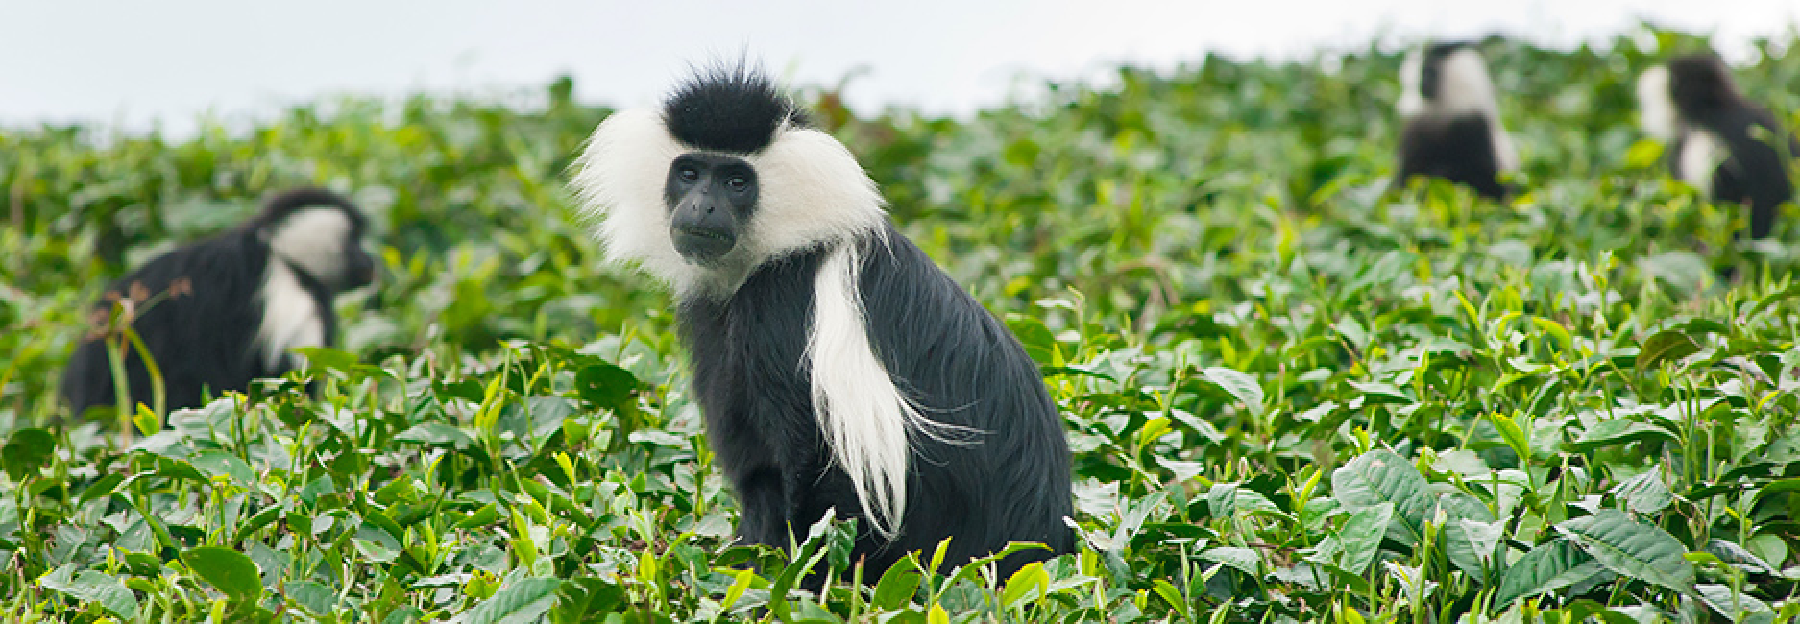 colobus monkey in gishwati mukura rwanda